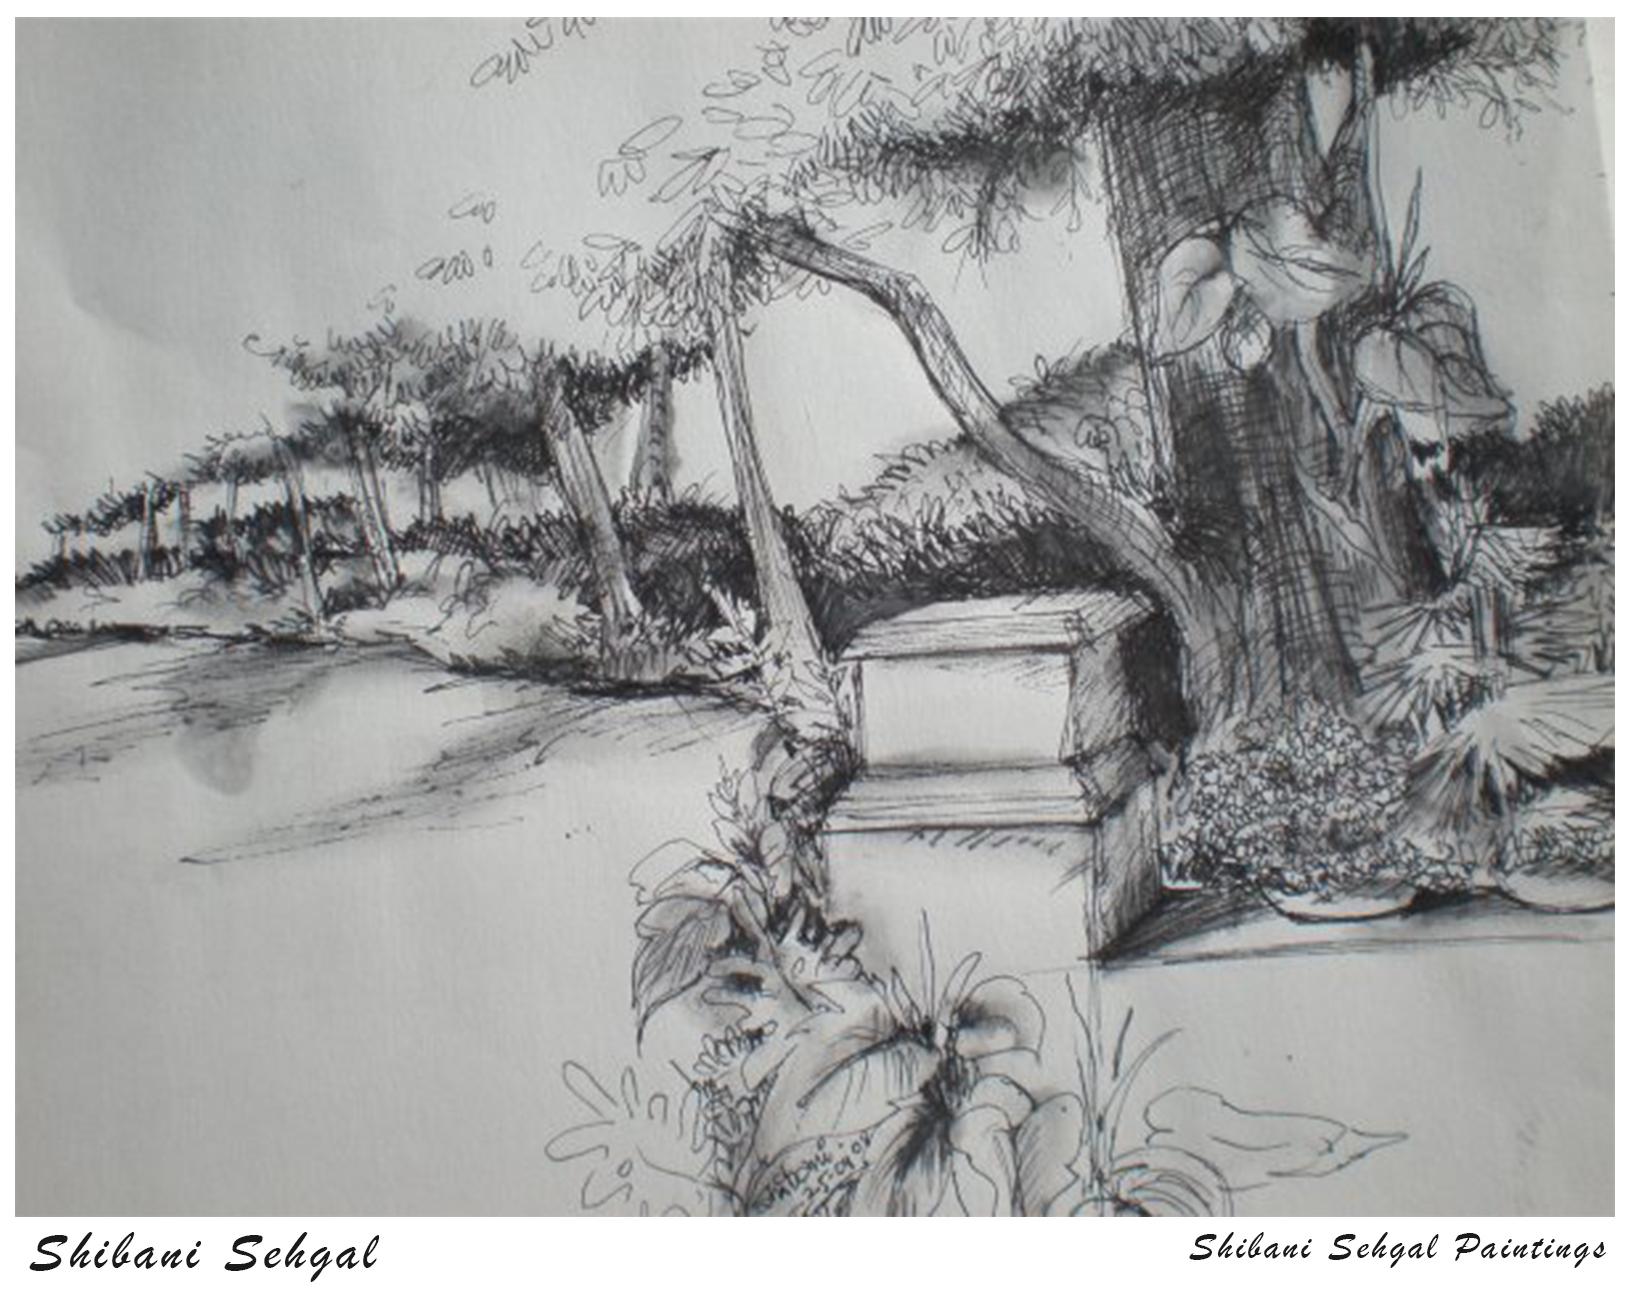 Shibani-Sehgal-8